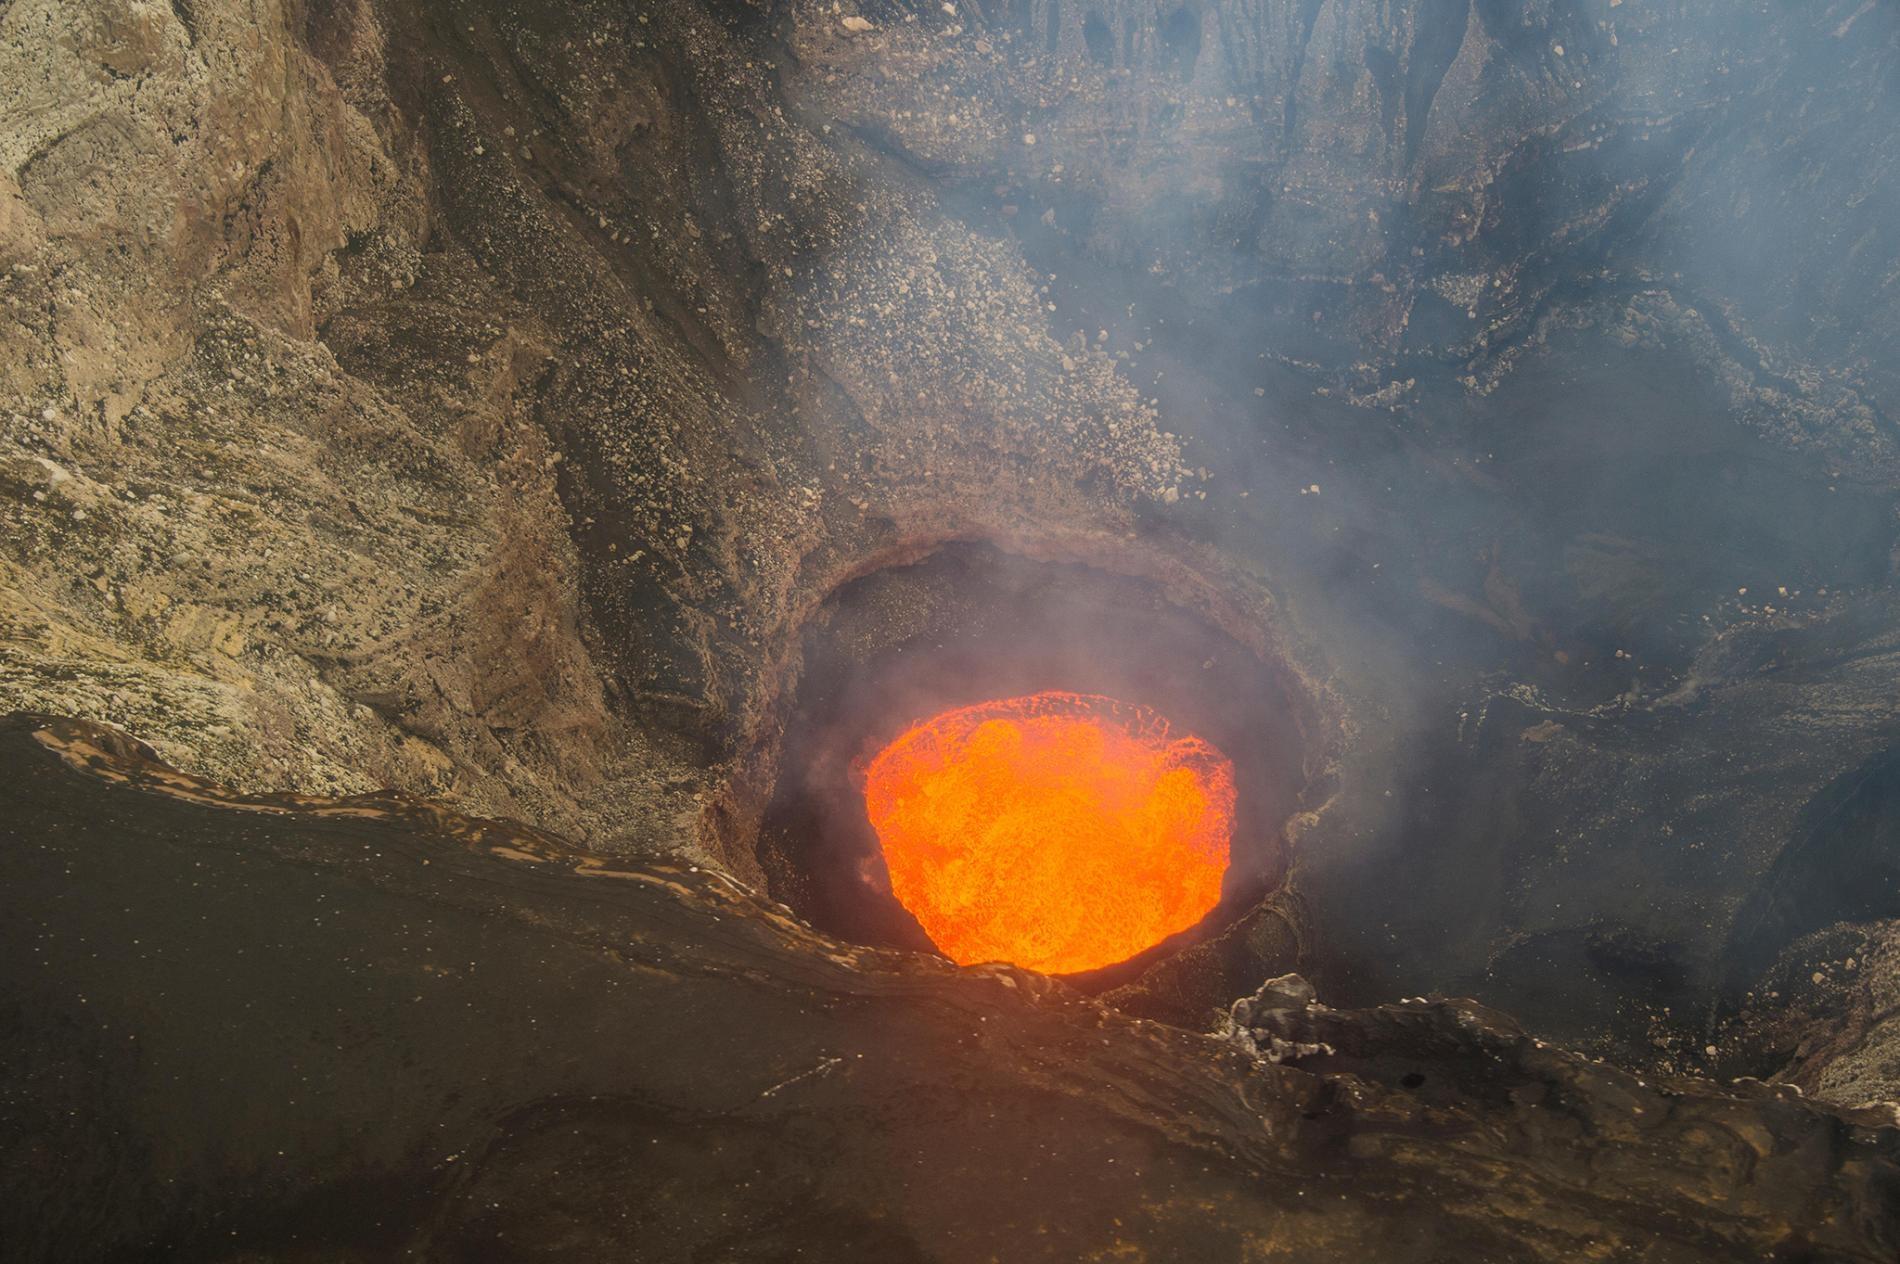 這是萬那杜安布理姆火山的五座火山湖之一,以前有岩漿在破火山口裡翻騰,直到2018年冬天這座火山爆發導致這些湖全數消失。PHOTOGRAPH BY ROBERT HARDING, ALAMY STOCK PHOTO